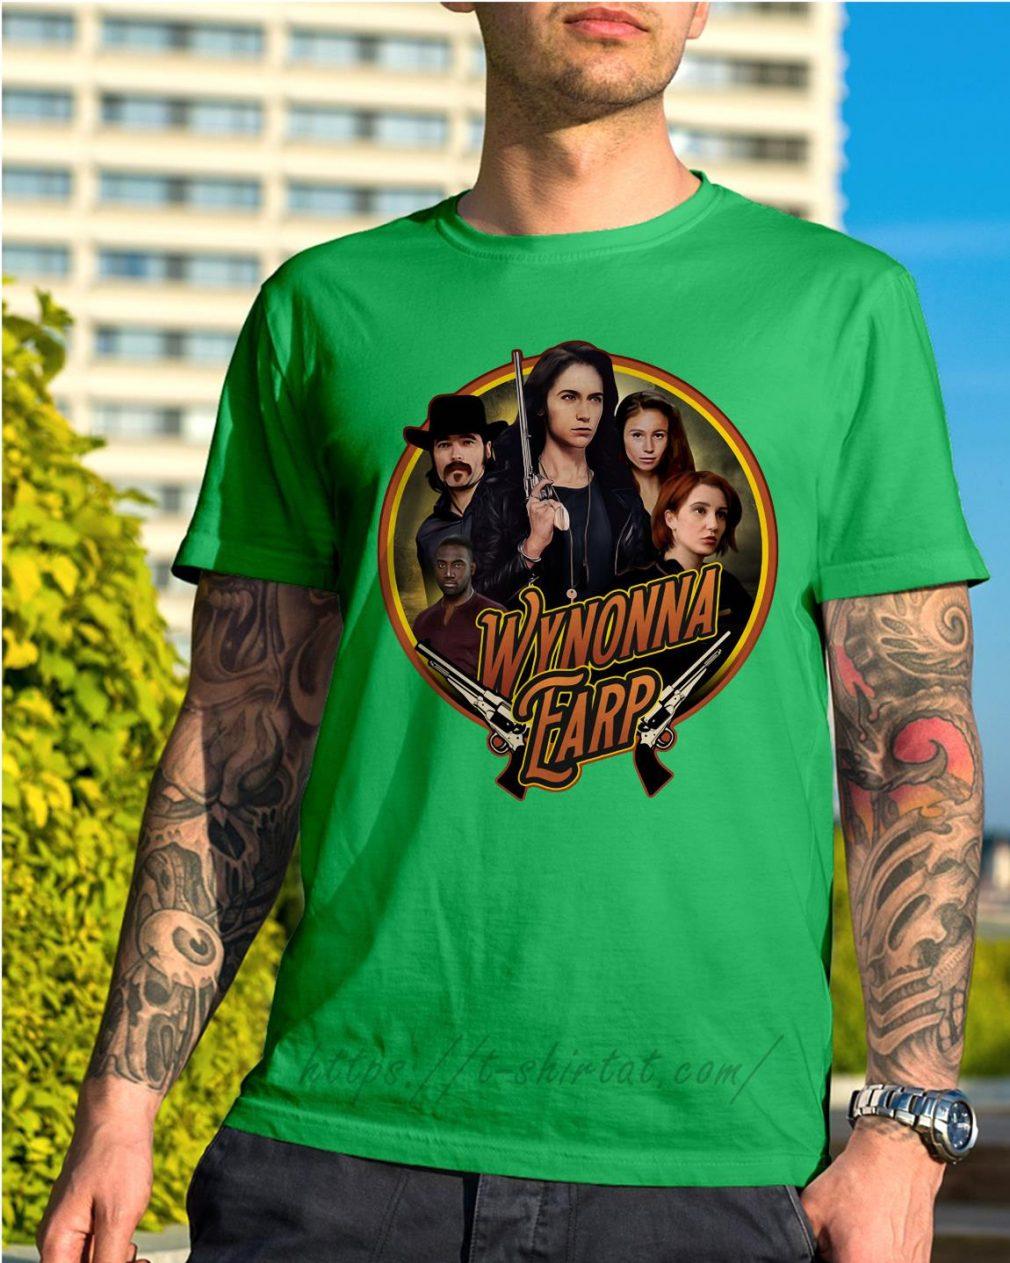 Official Wynonna Earp Shirt green